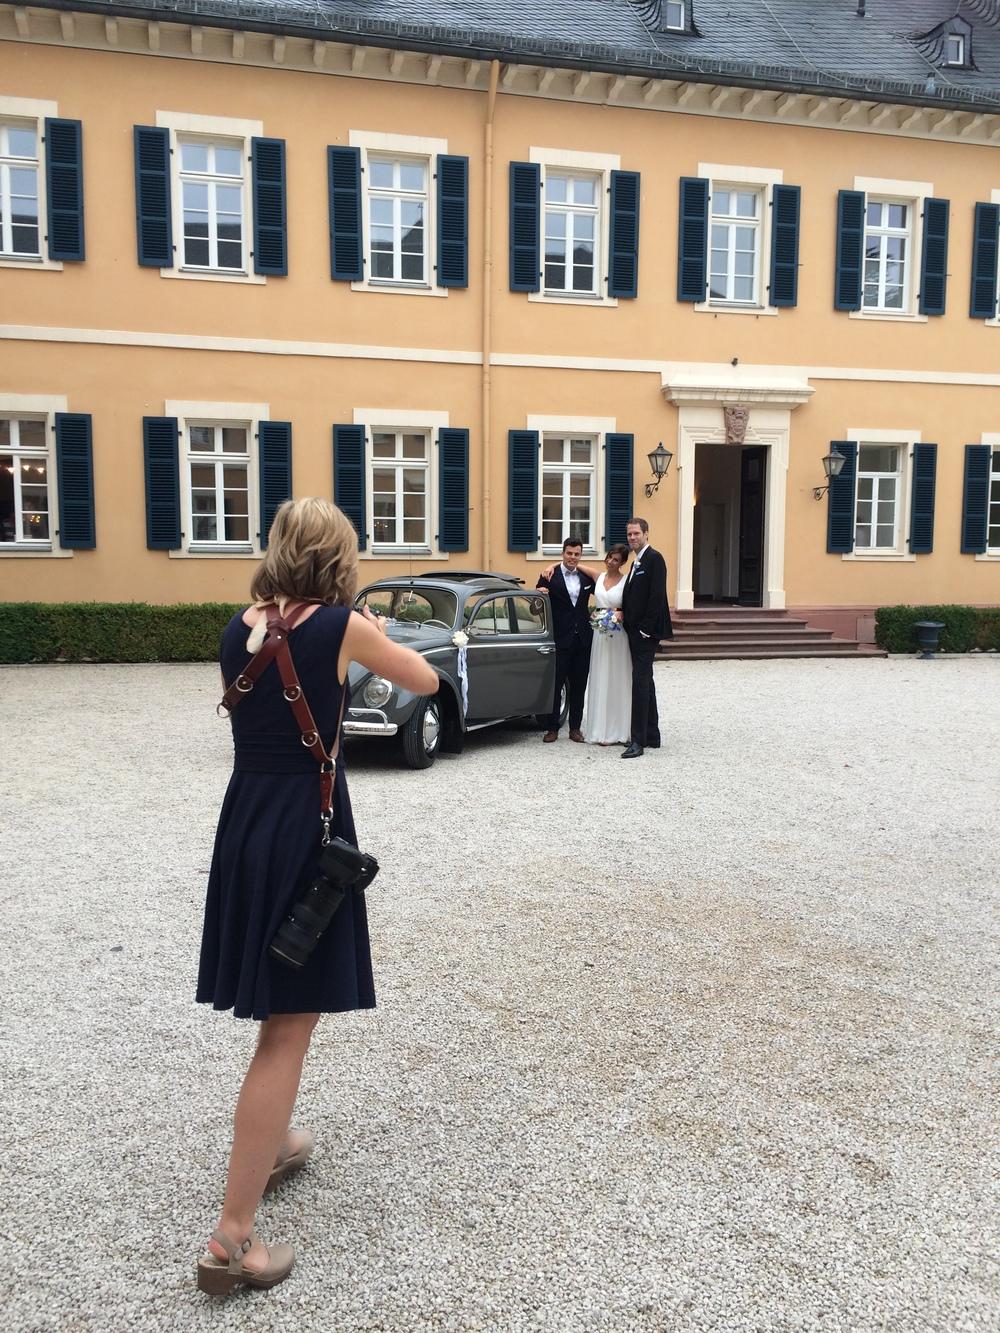 Photographinga wedding in Germany